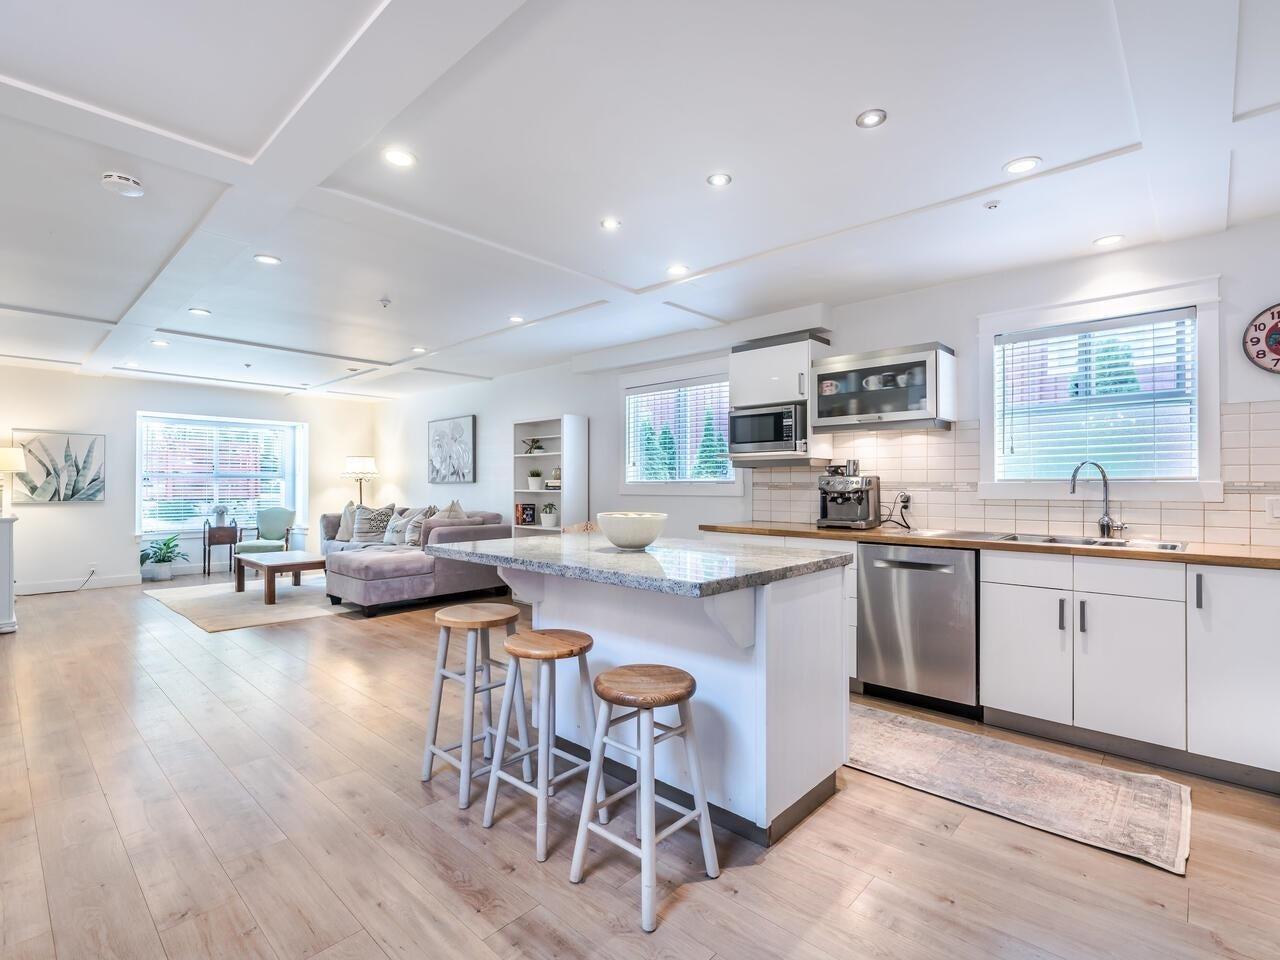 1231 E 11TH AVENUE - Mount Pleasant VE 1/2 Duplex for sale, 3 Bedrooms (R2625828) - #6